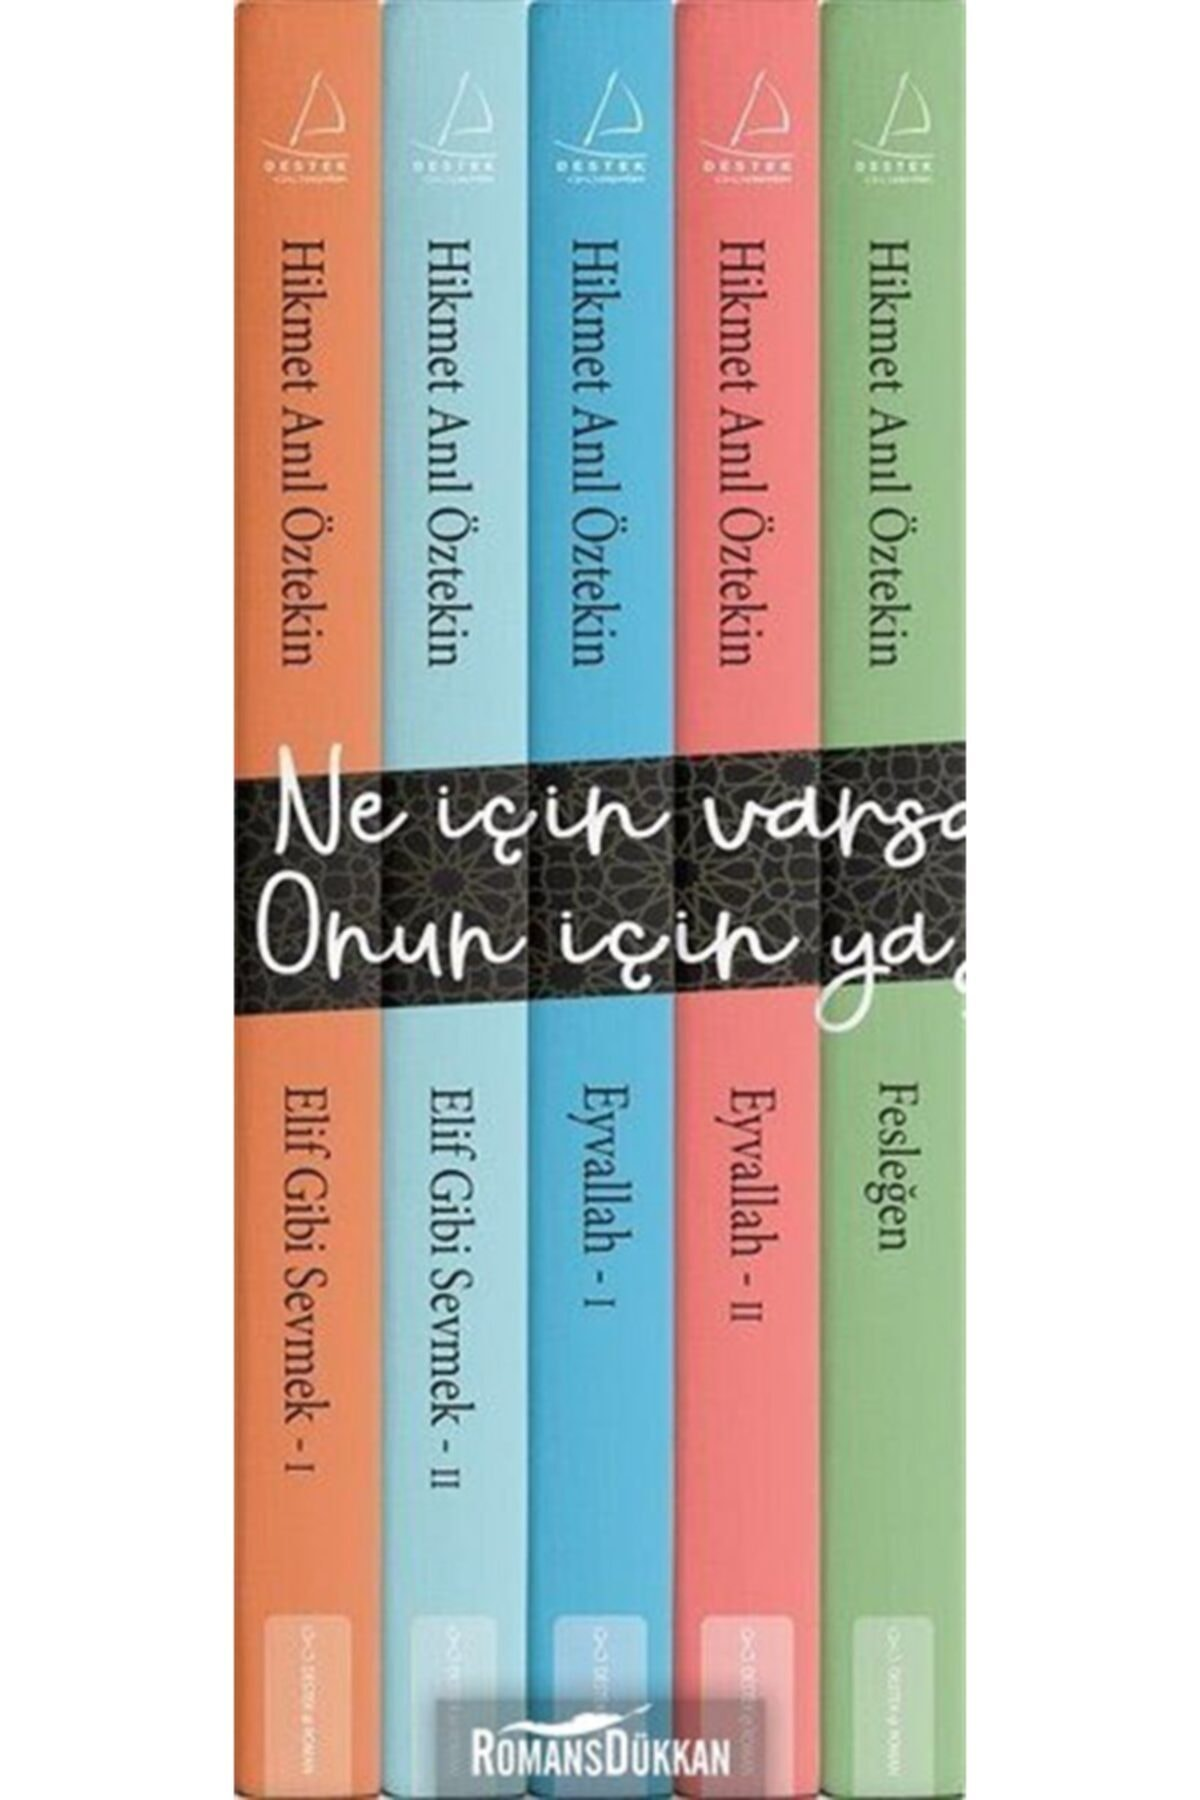 Destek Yayınları Hikmet Anıl Öztekin Seti-5 Kitap Takım 1